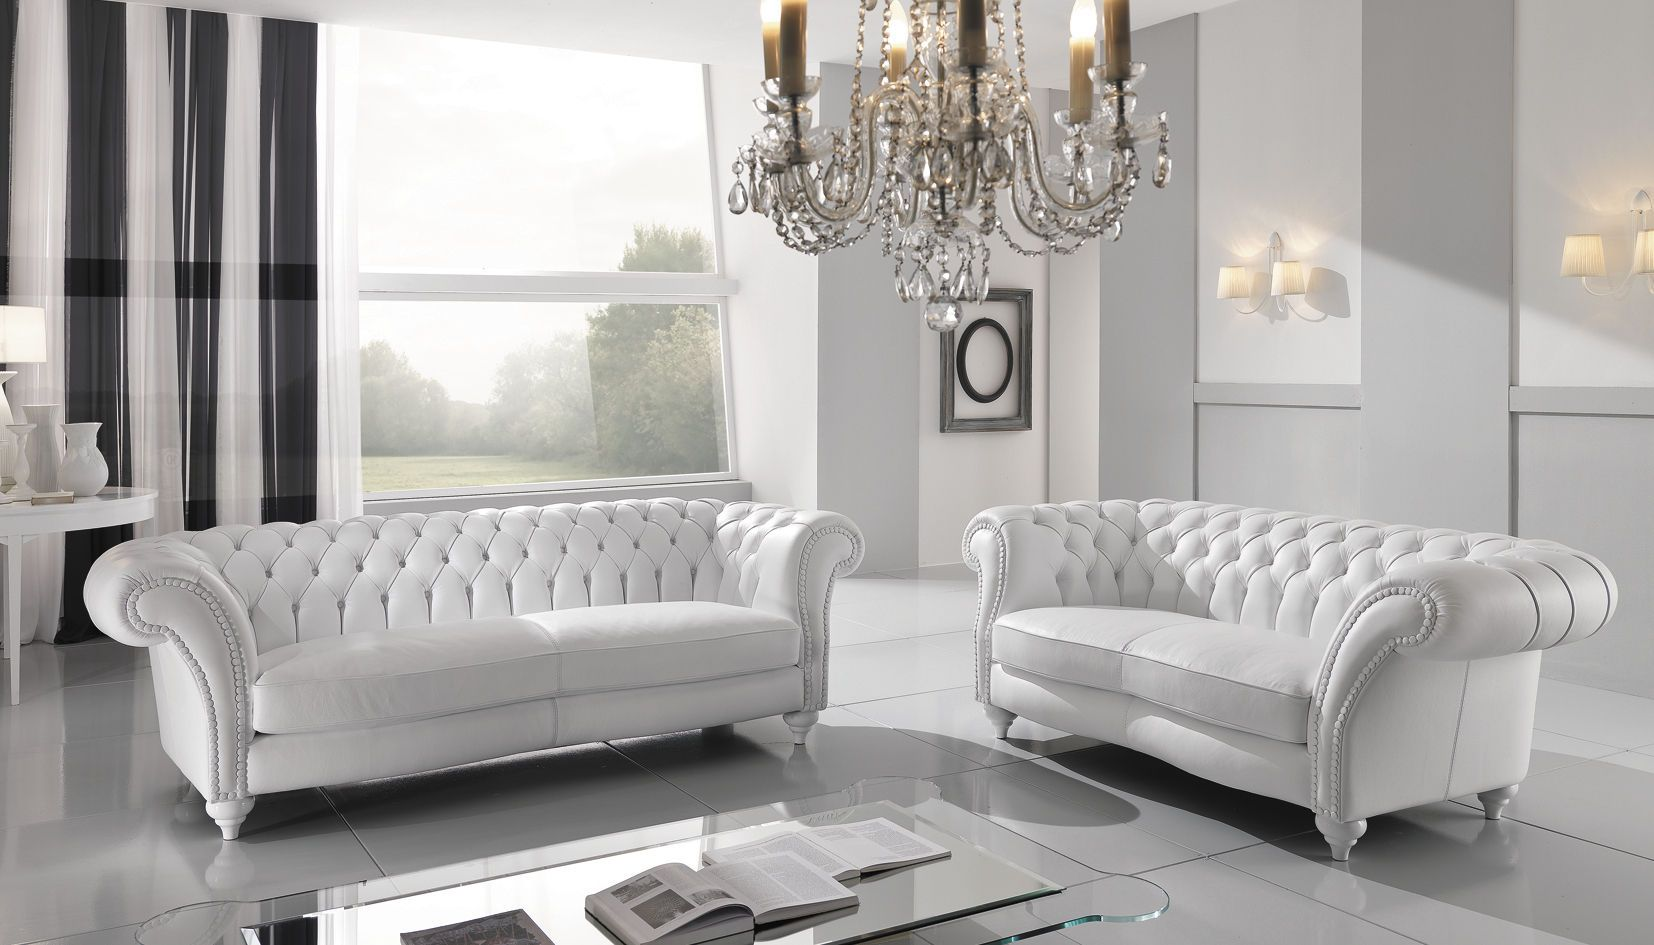 White Tufted Leather Sofa Set White Leather Sofas White Leather